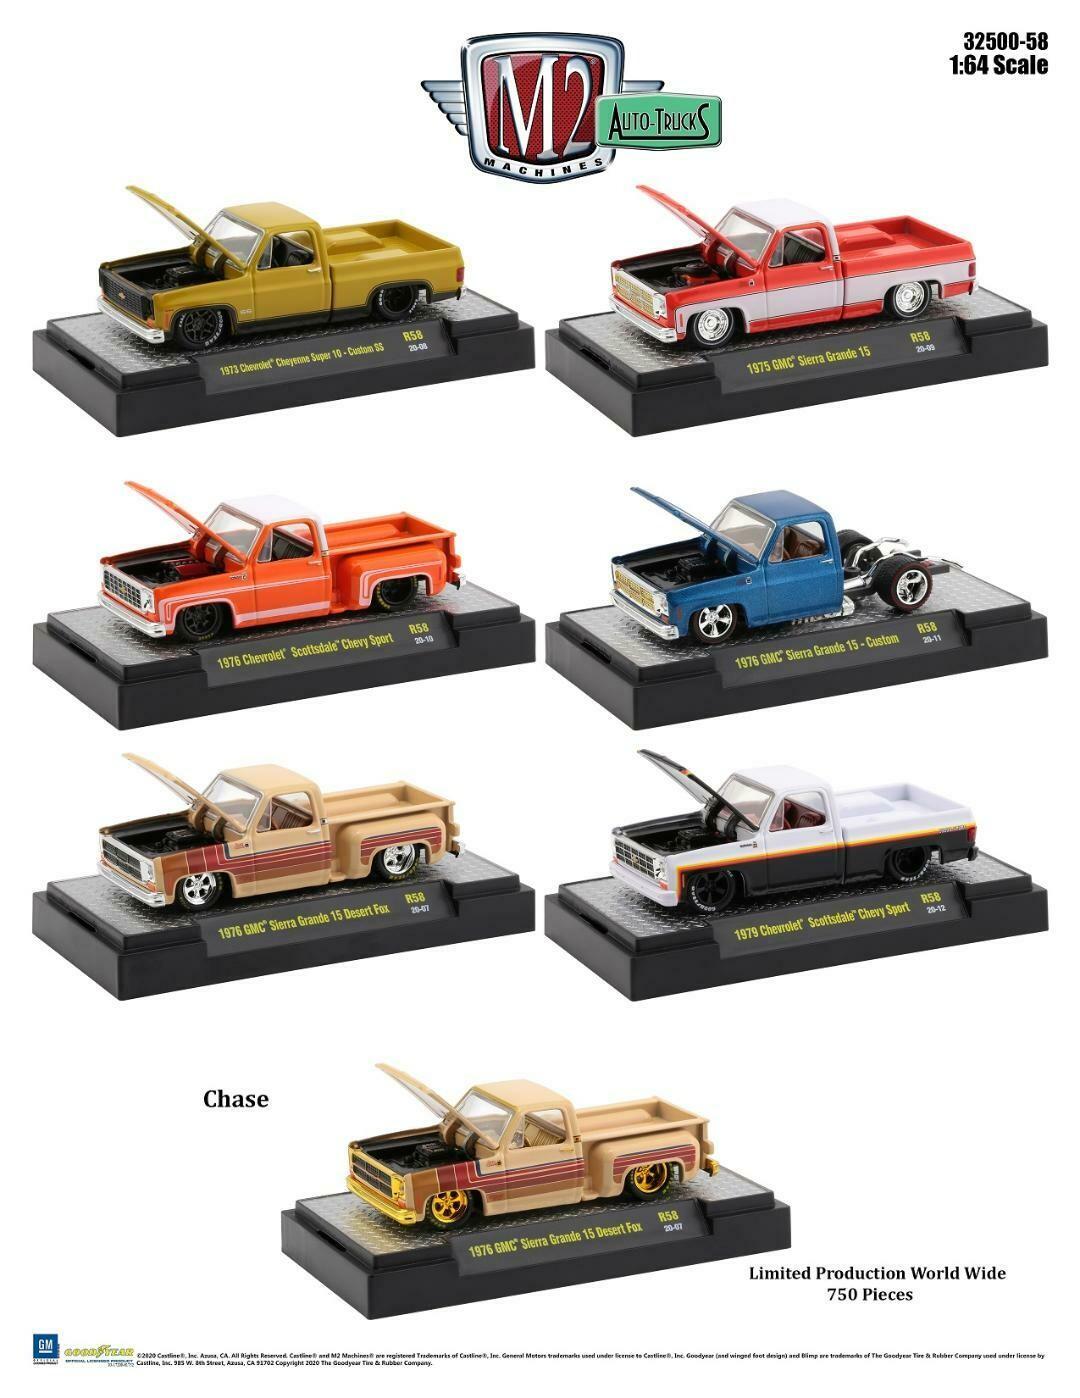 Square Body Trucks Release - Auto-Trucks 1:64 scale - Release 32500- 58